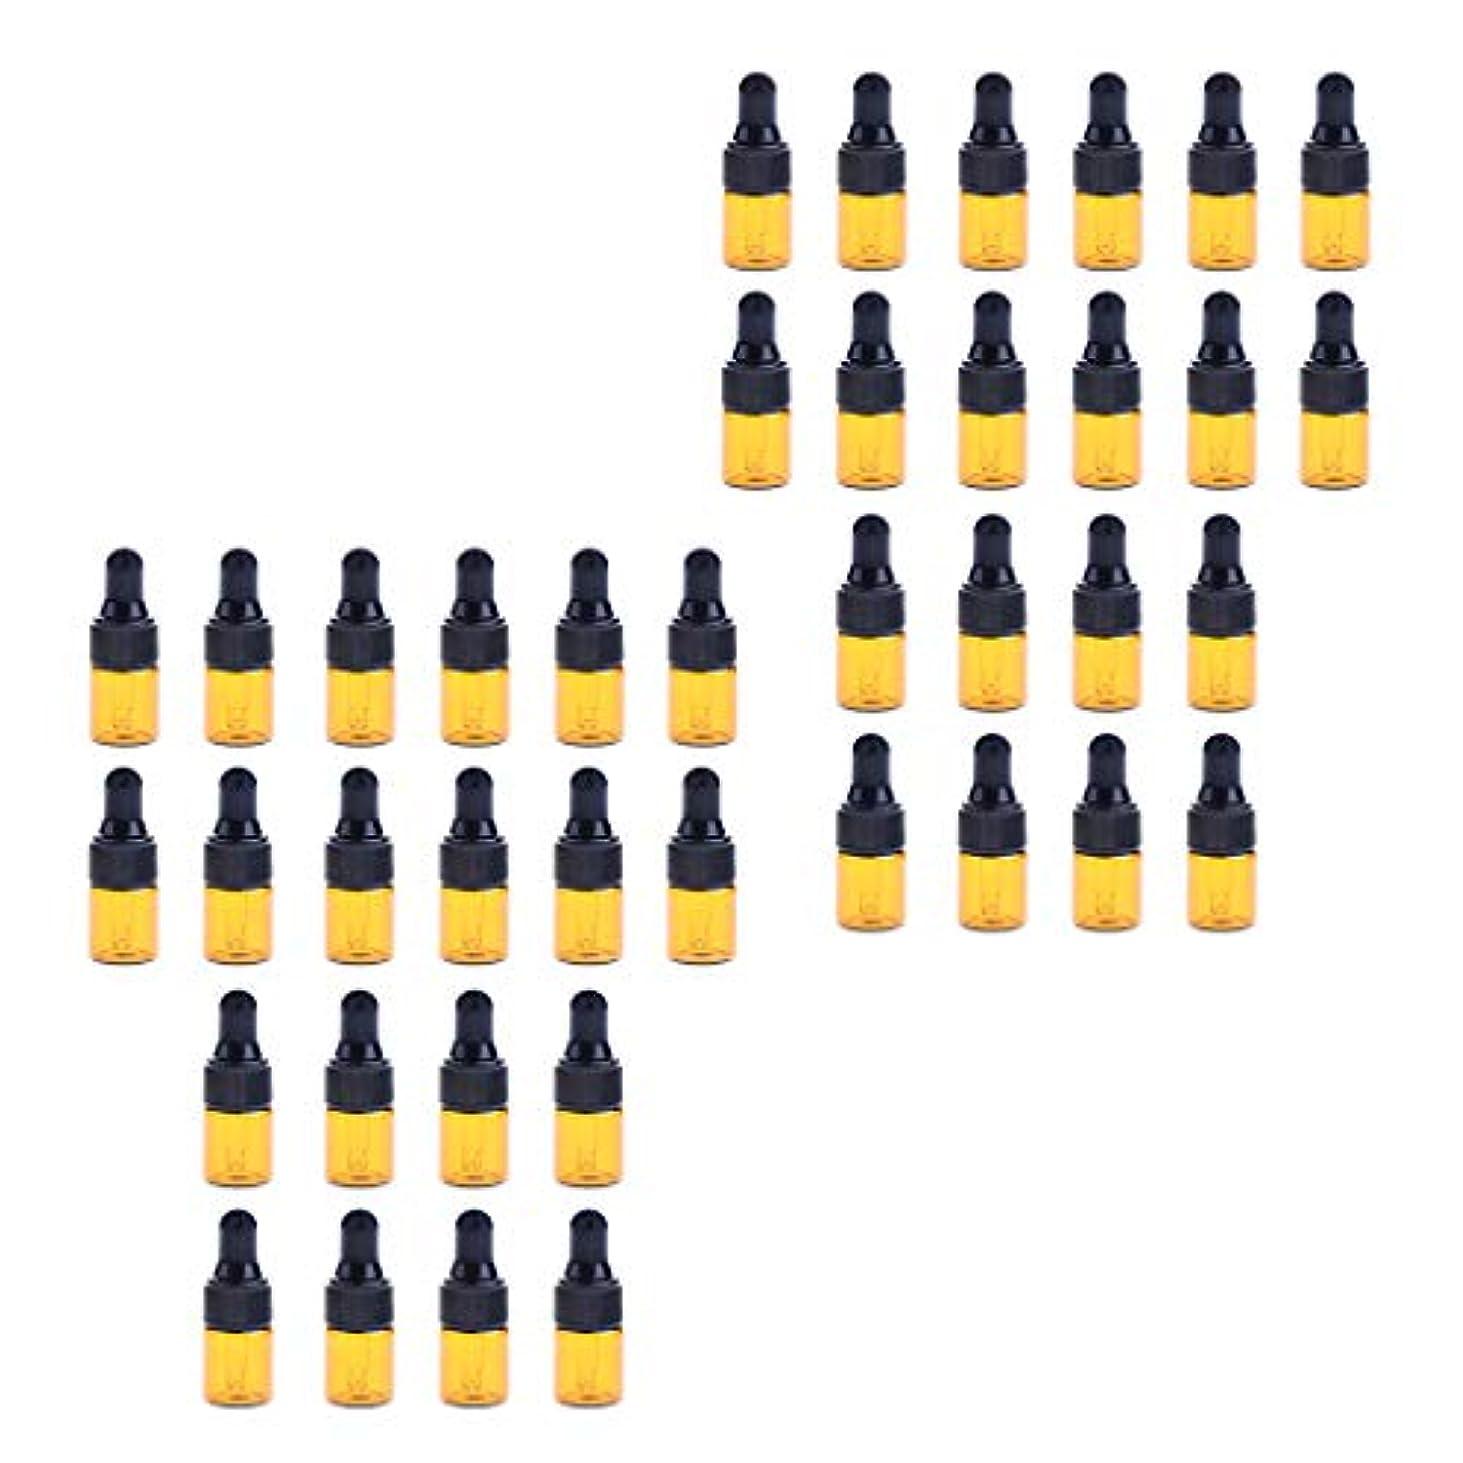 警告リーズ奨学金D DOLITY ドロッパーボトル ガラス瓶 エッセンシャルオイル 精油 保存容器 詰め替え 小型 1ml /2ml 40個入